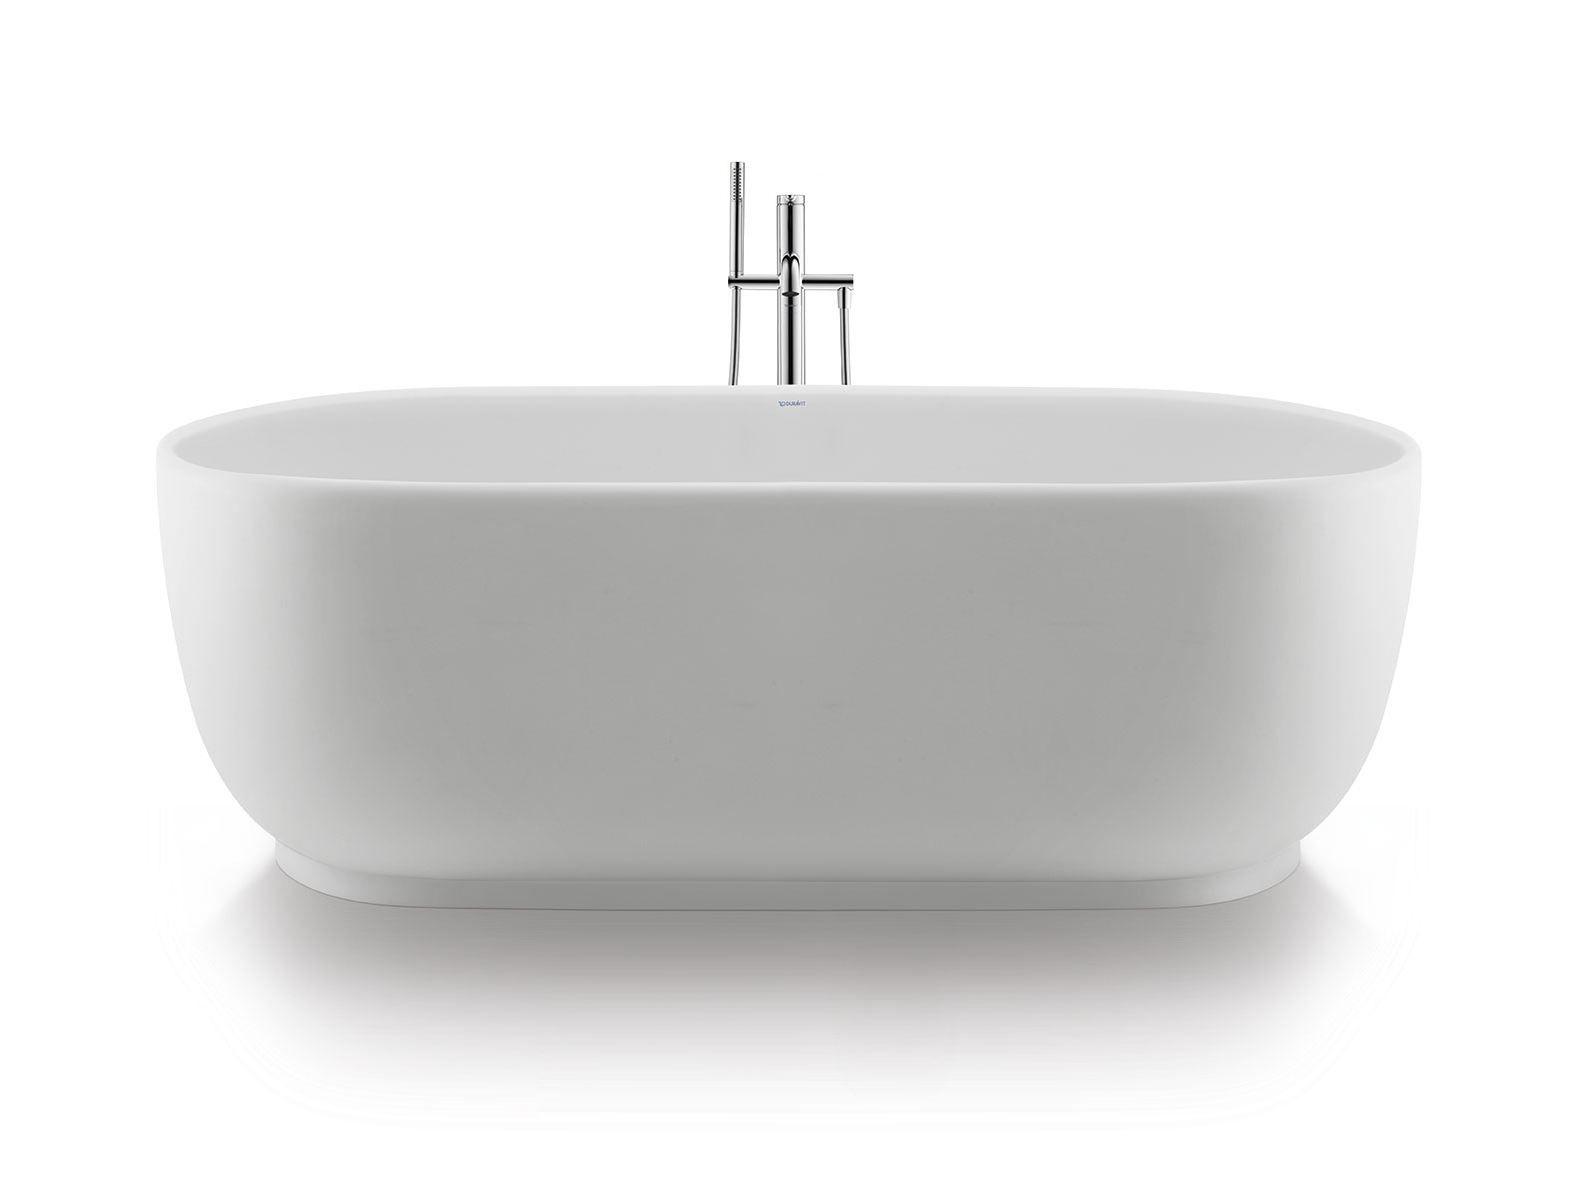 Luv vasca da bagno centro stanza collezione luv by duravit design cecilie manz - Vasca da bagno duravit ...